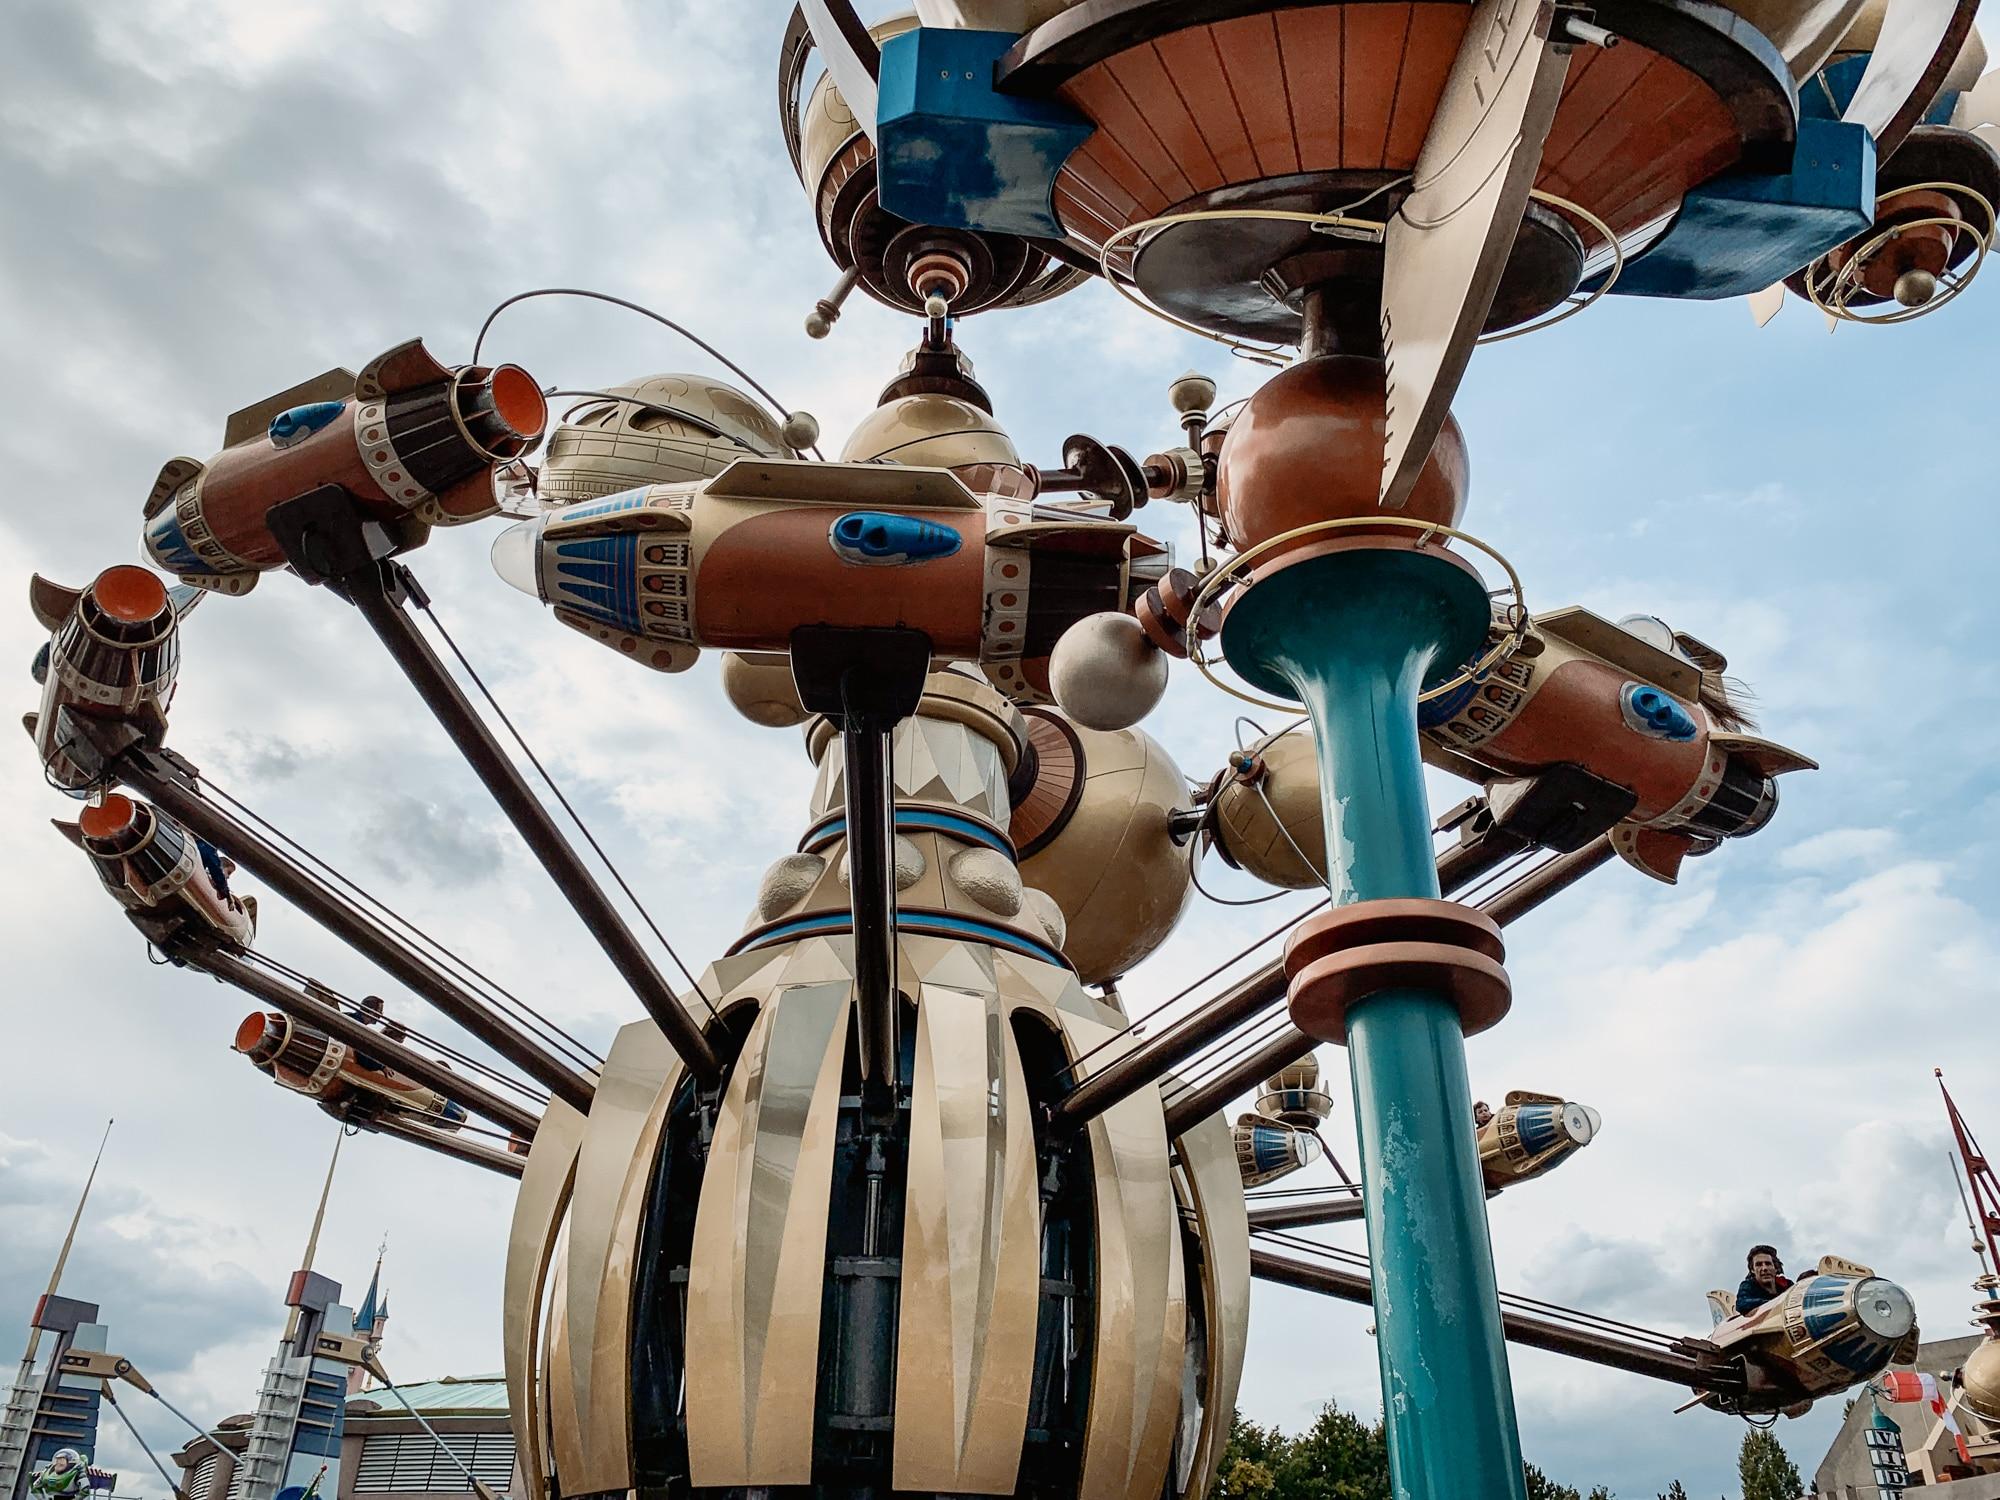 Disneyland Paris Tipps: 10 tolle Hacks für den glücklichsten Ort der Welt - Tomorrowland